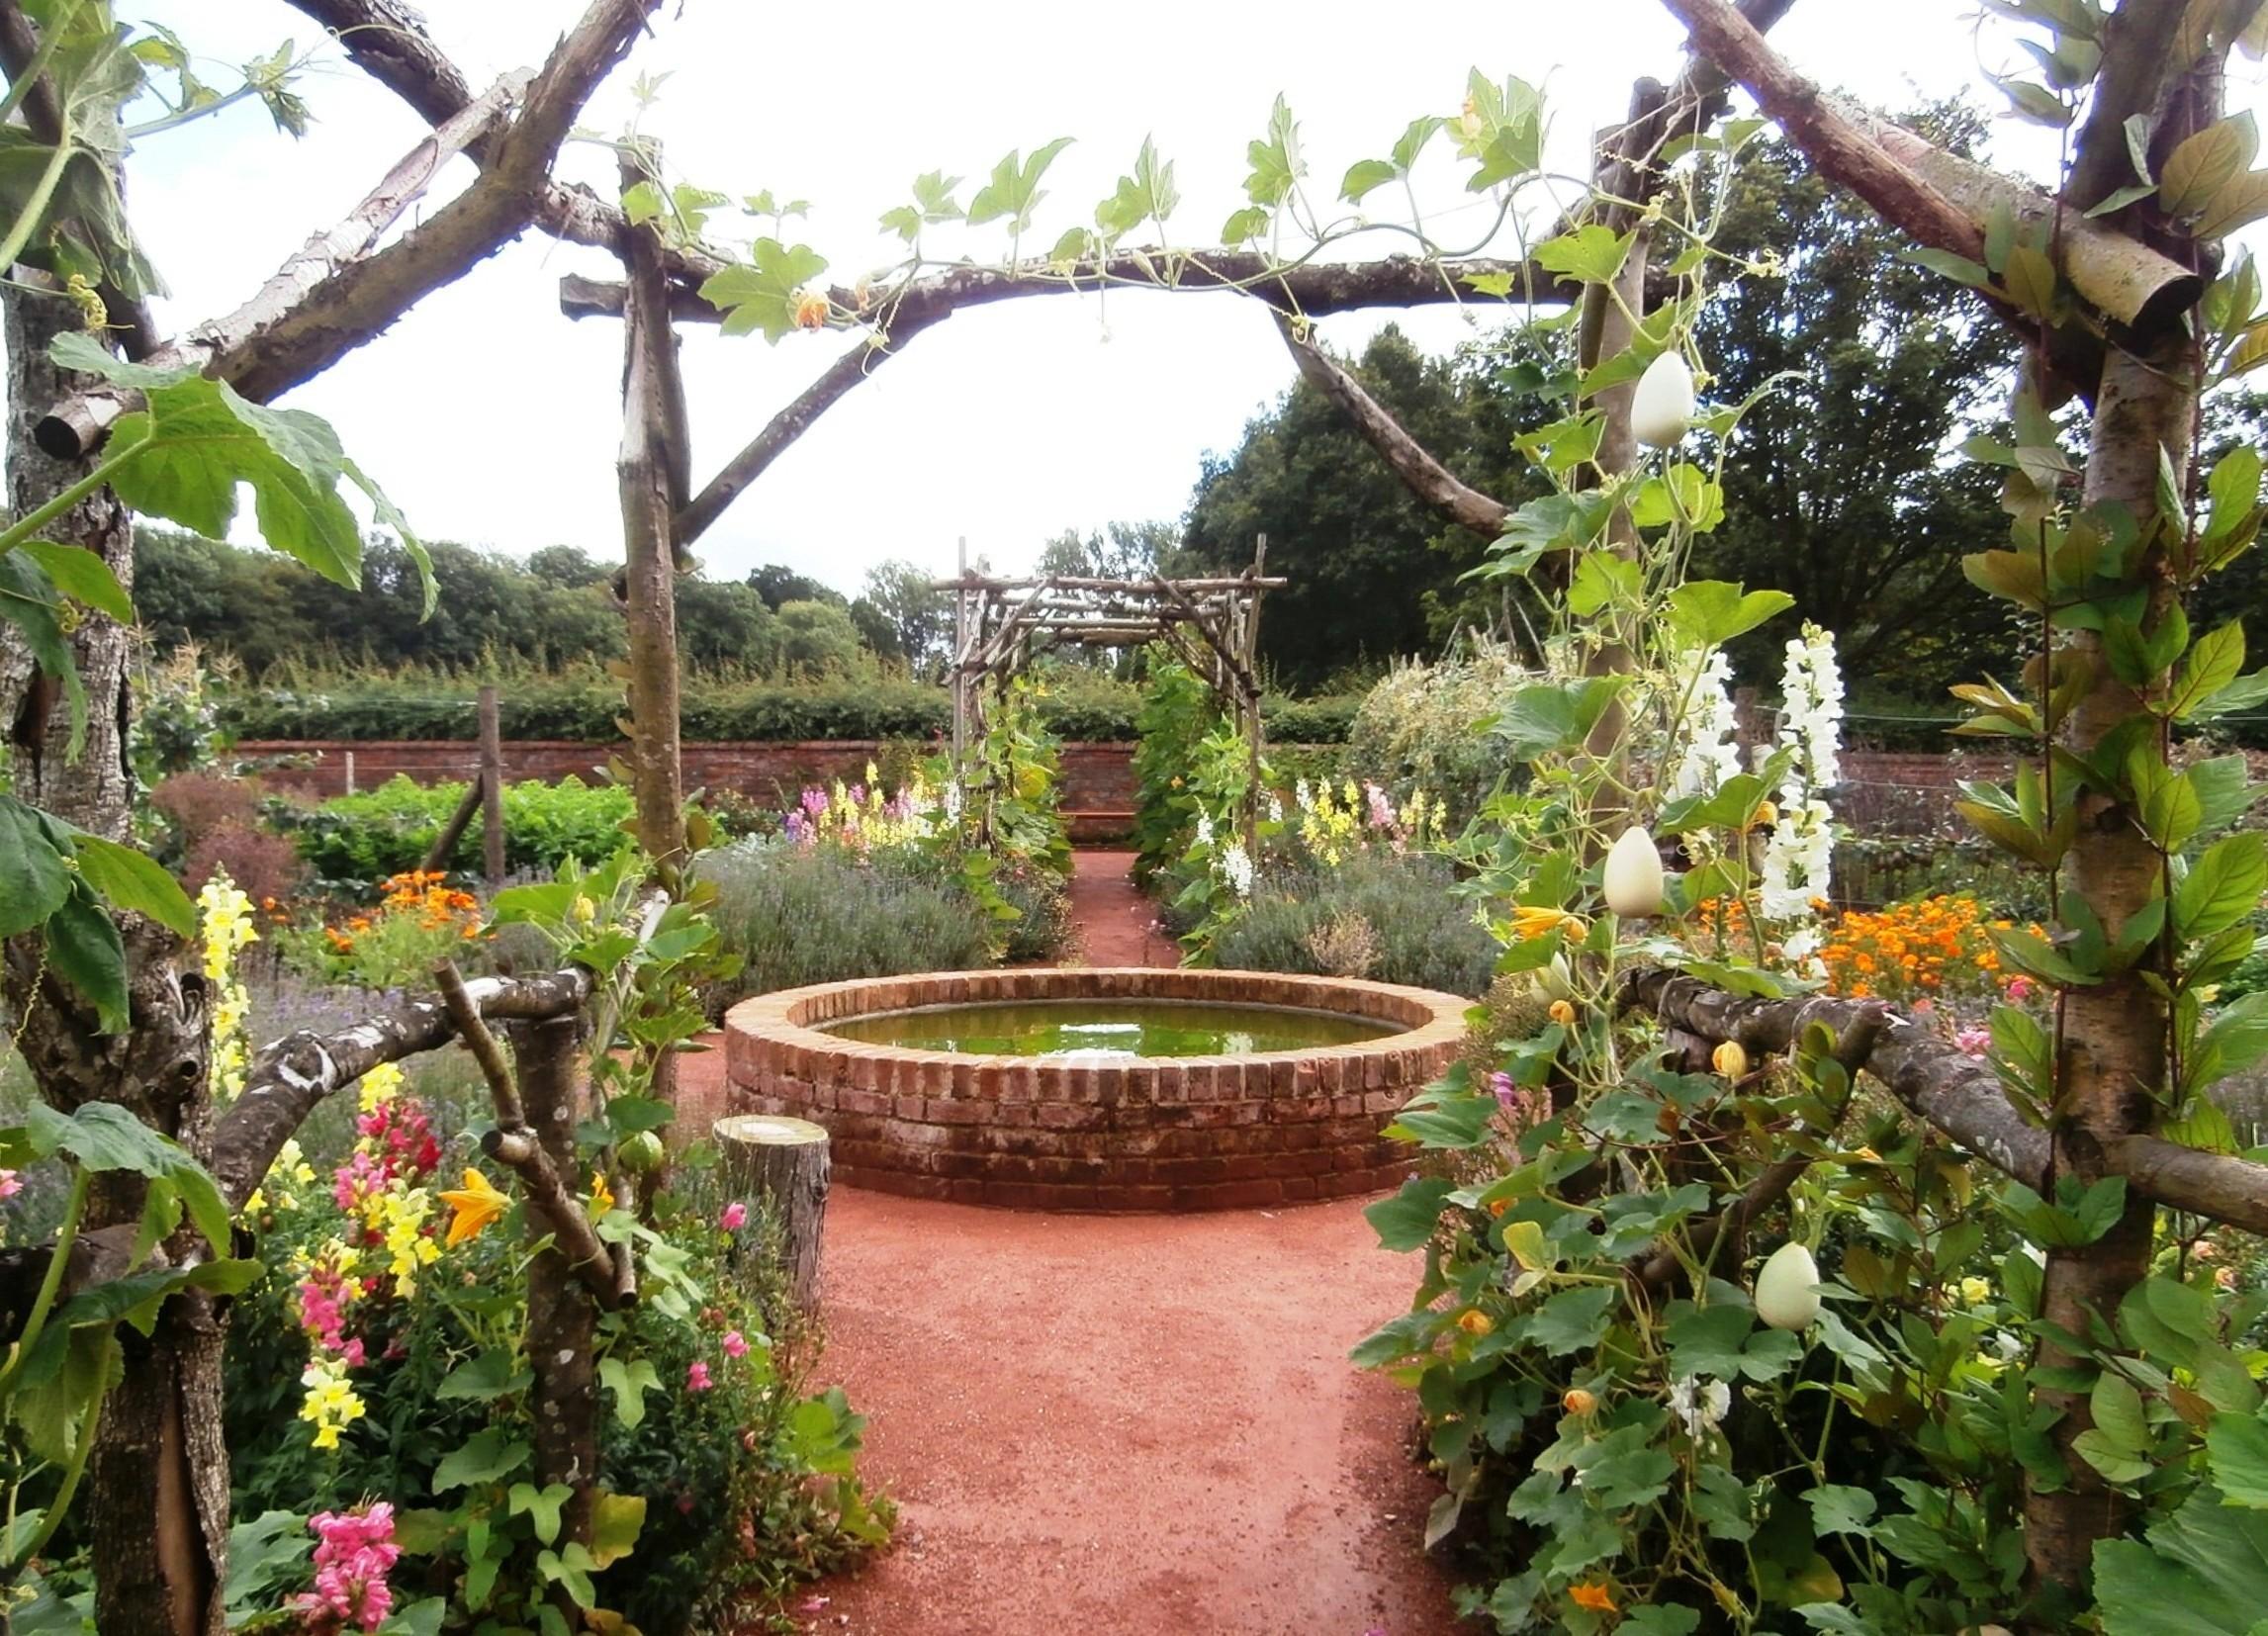 FilePackwood House   Kitchen Garden.JPG   Wikimedia Commons